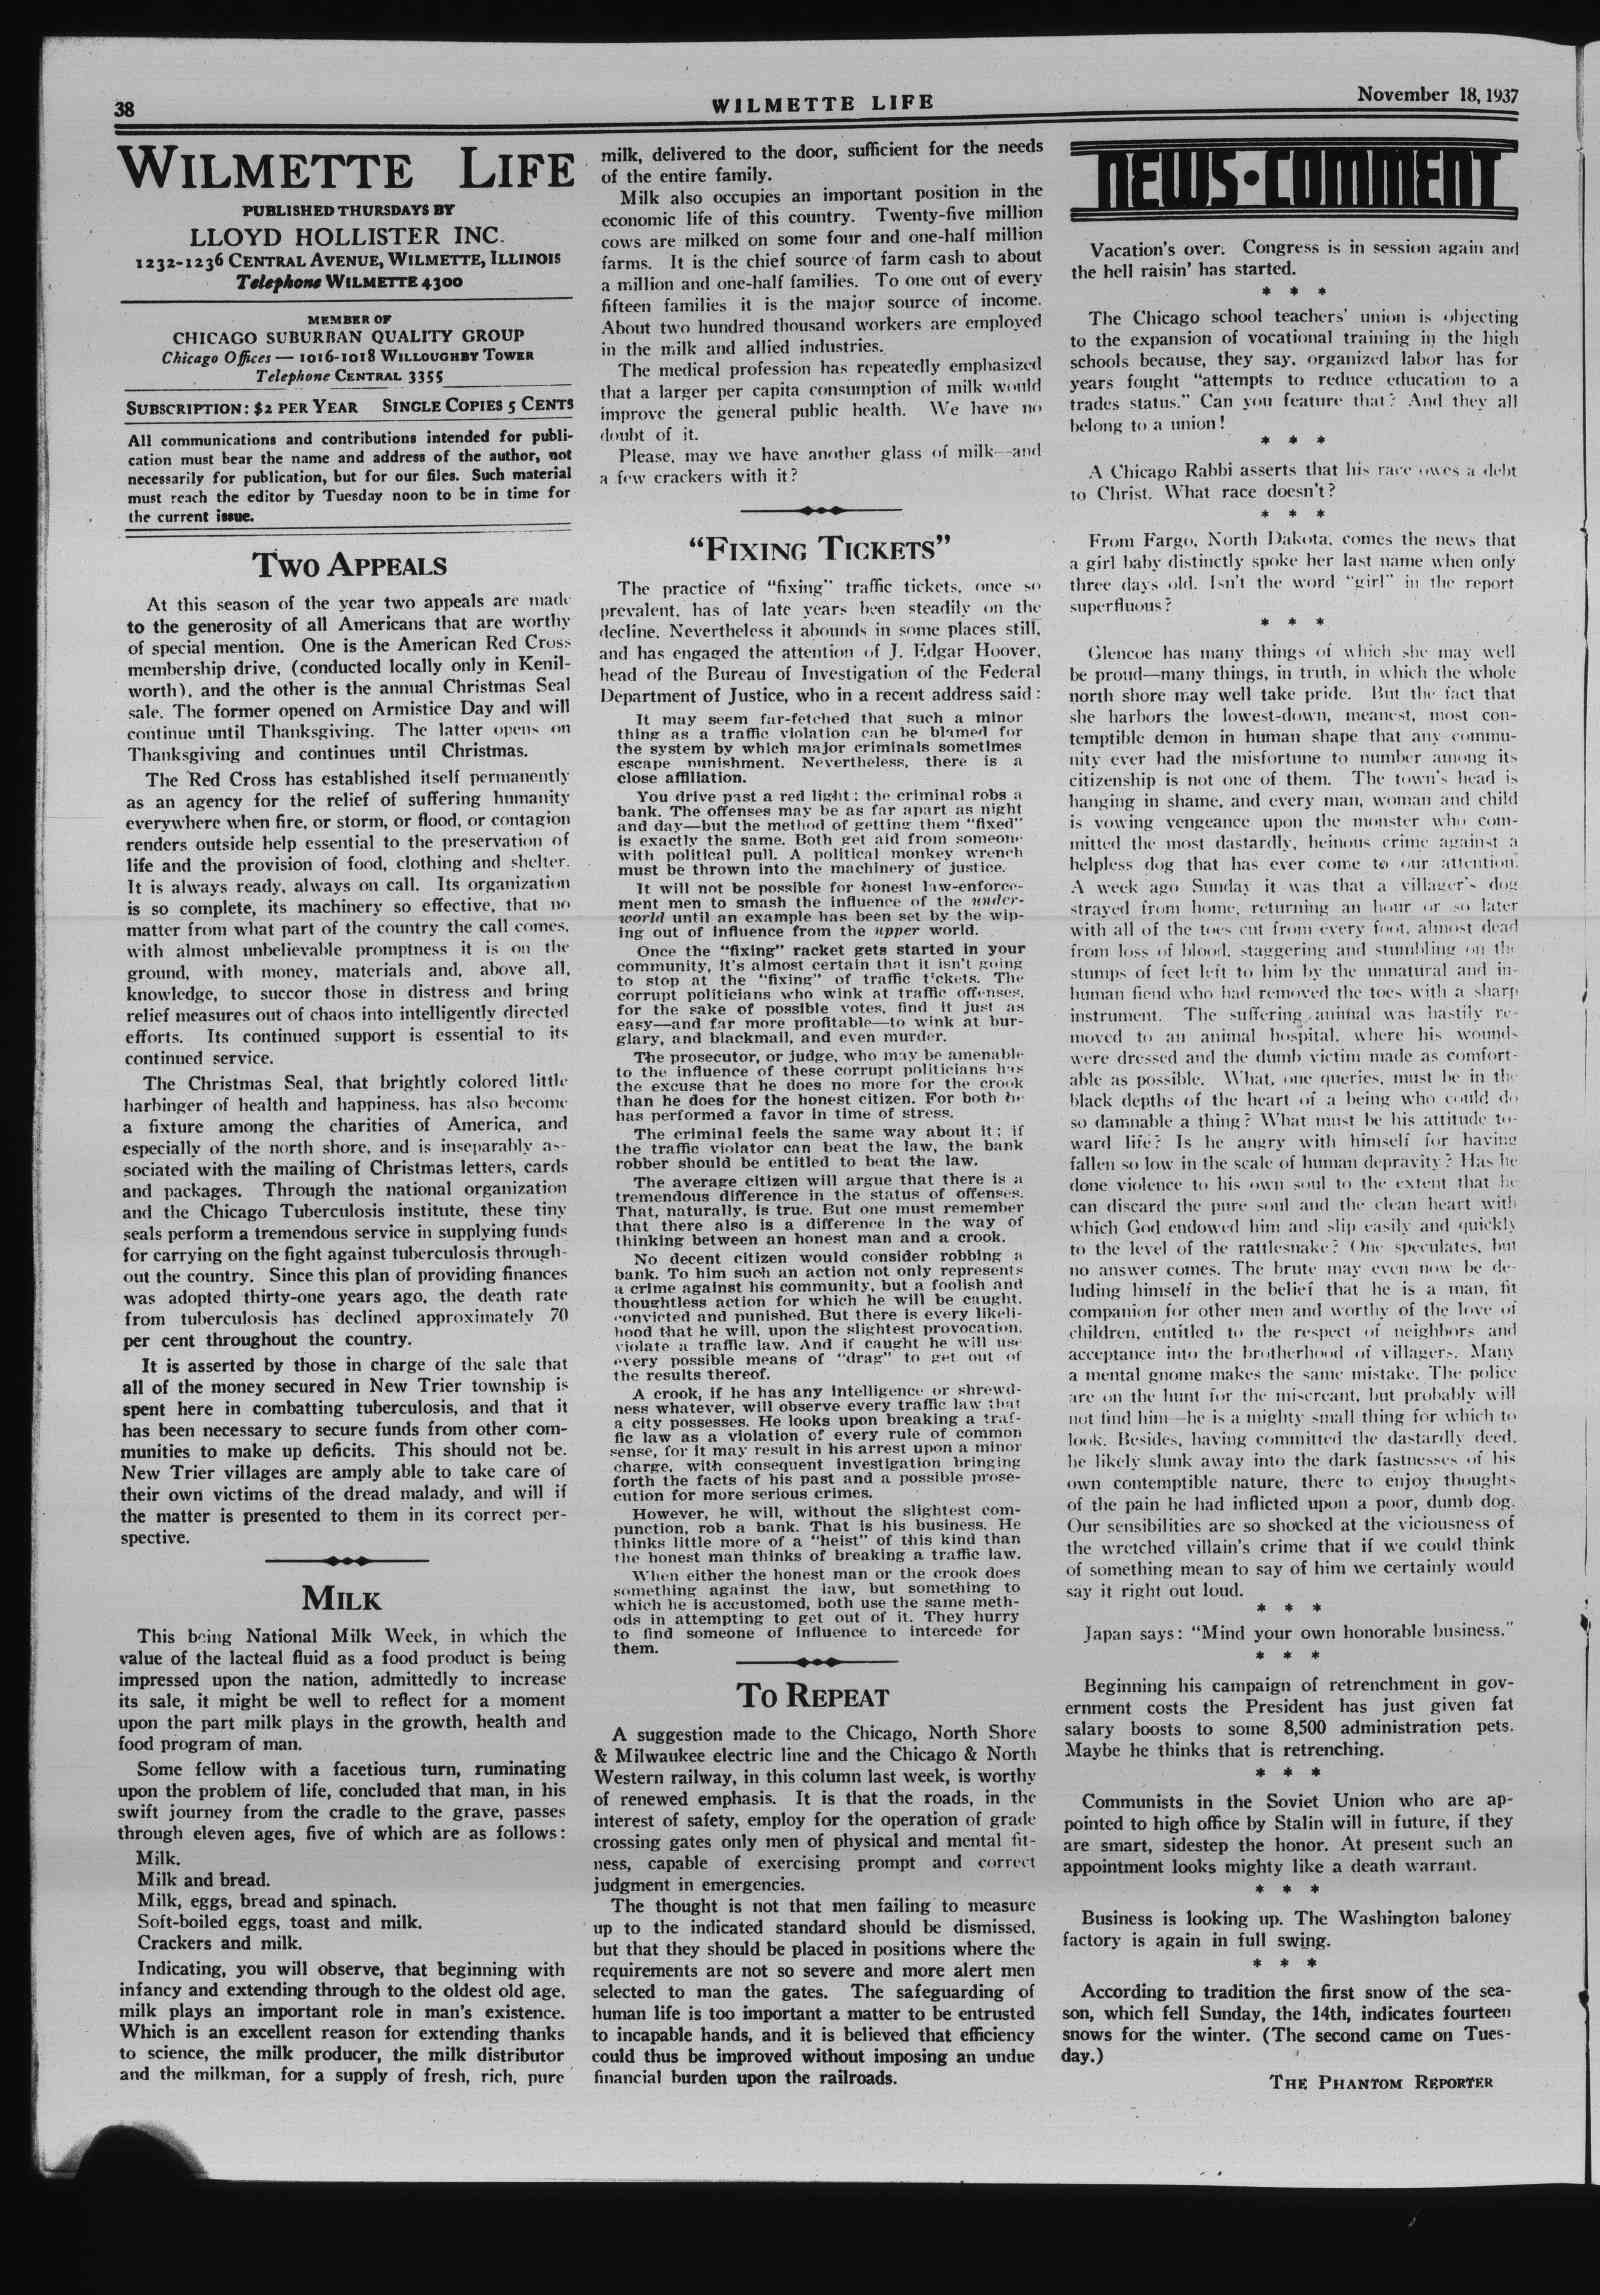 Wilmette Life (Wilmette, Illinois), 18 Nov 1937